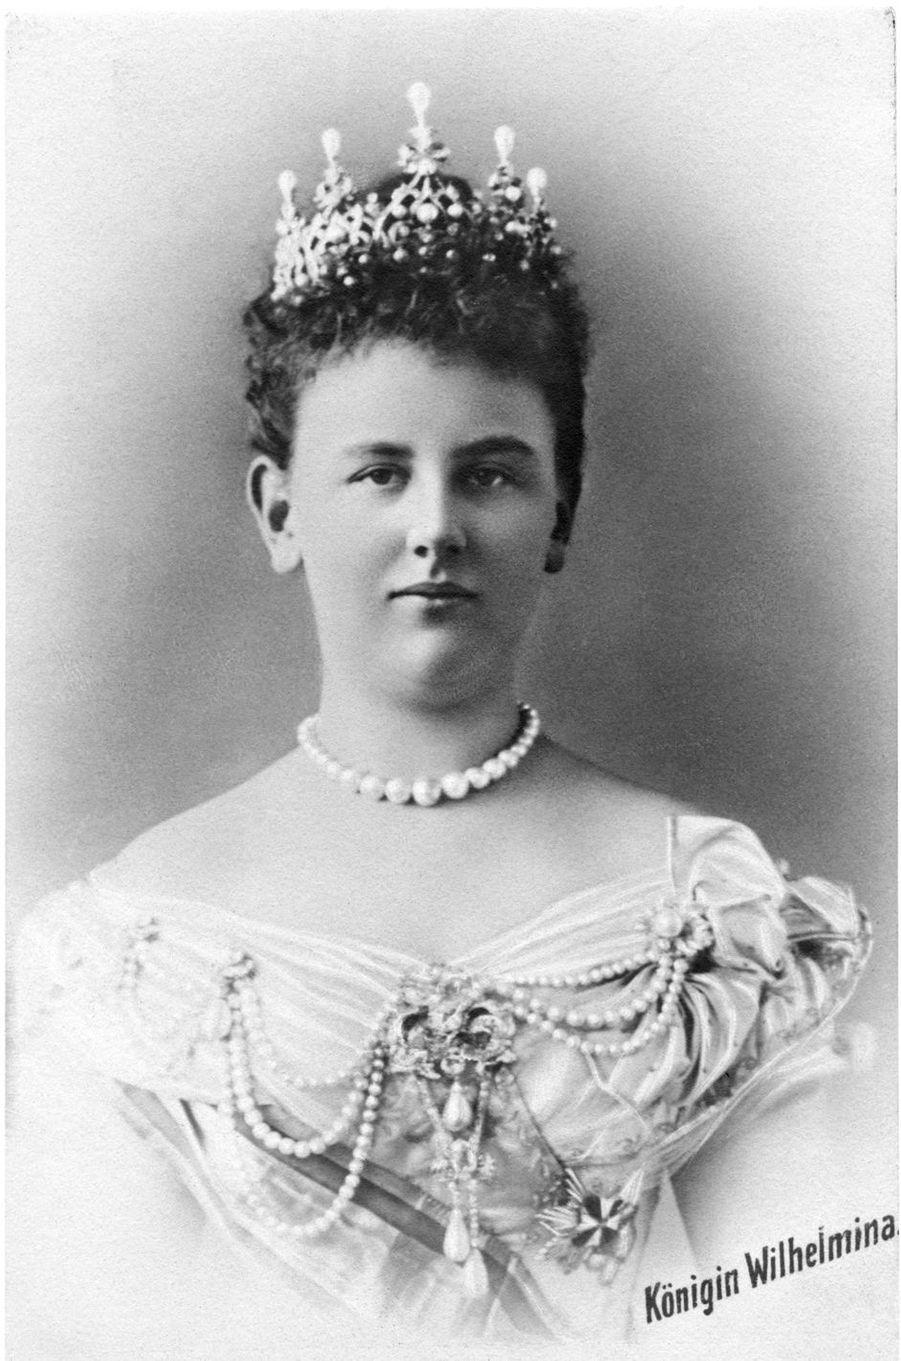 La reine Wilhelmine des Pays-Bas vers 1900